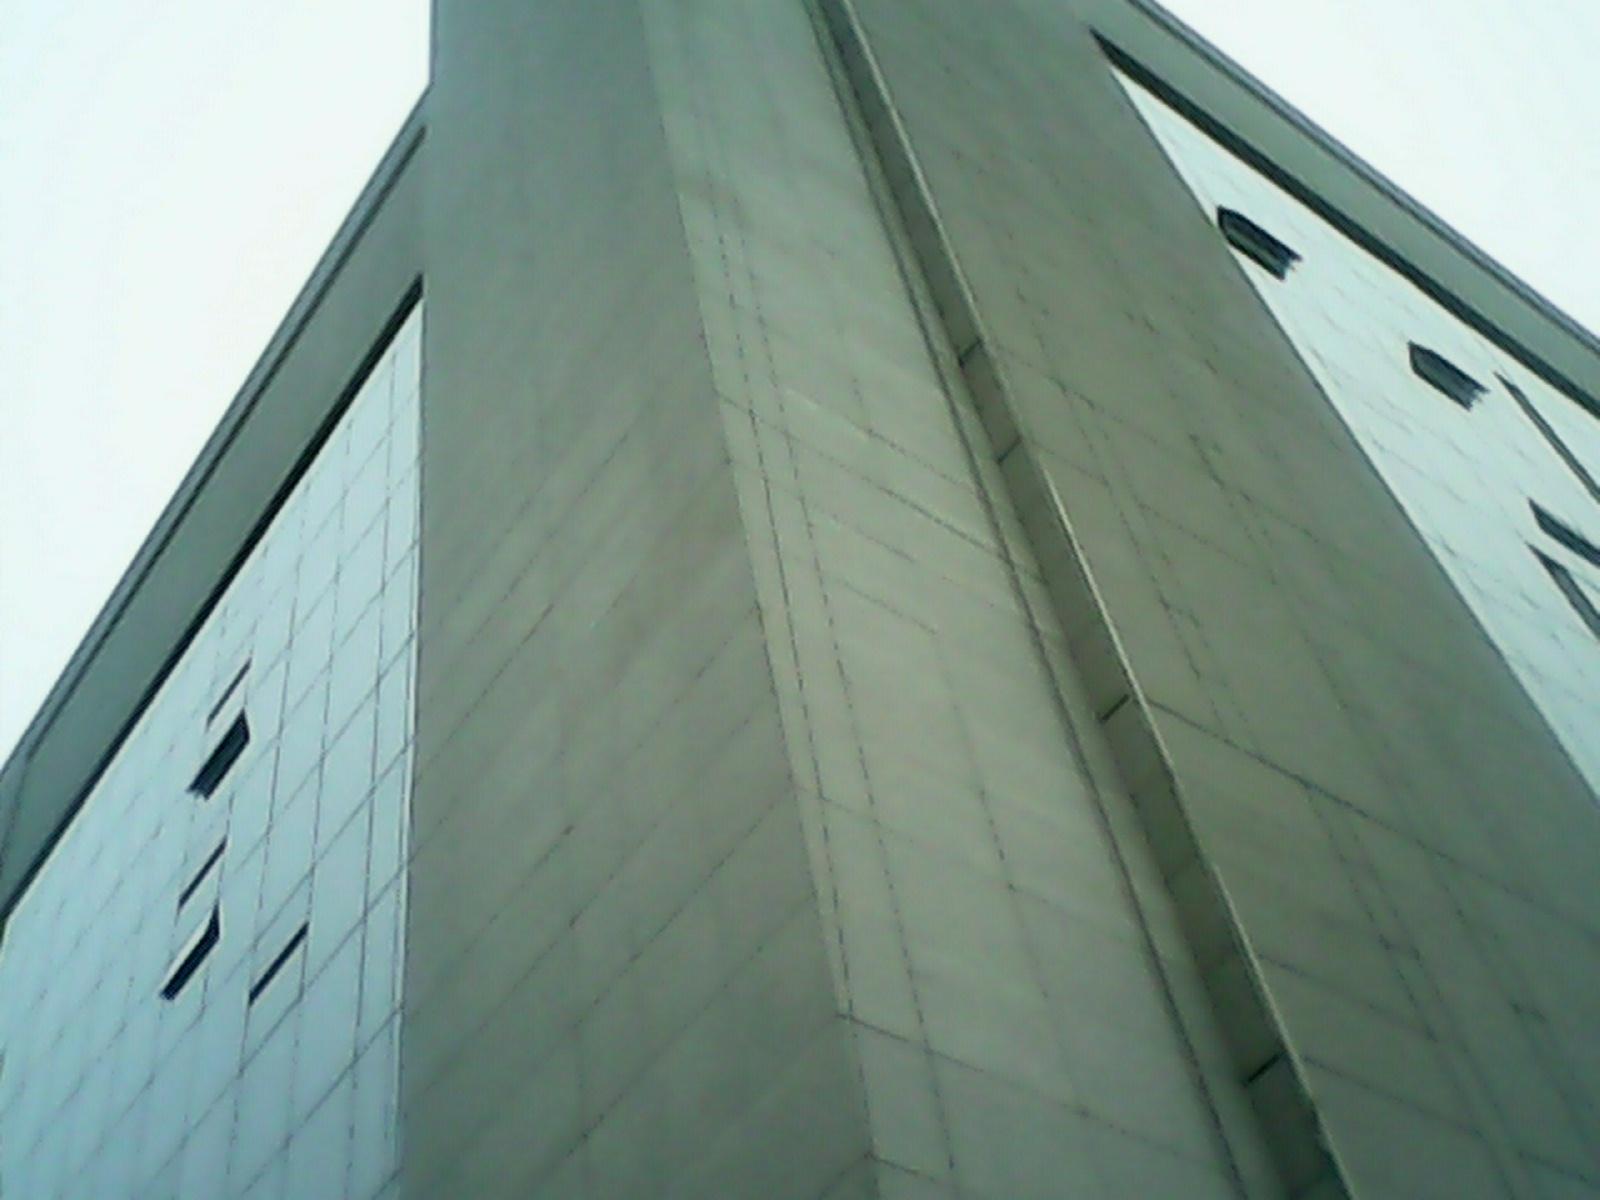 政府部门发声禁用玻璃幕墙 亚博体育网页版幕墙顺势上位